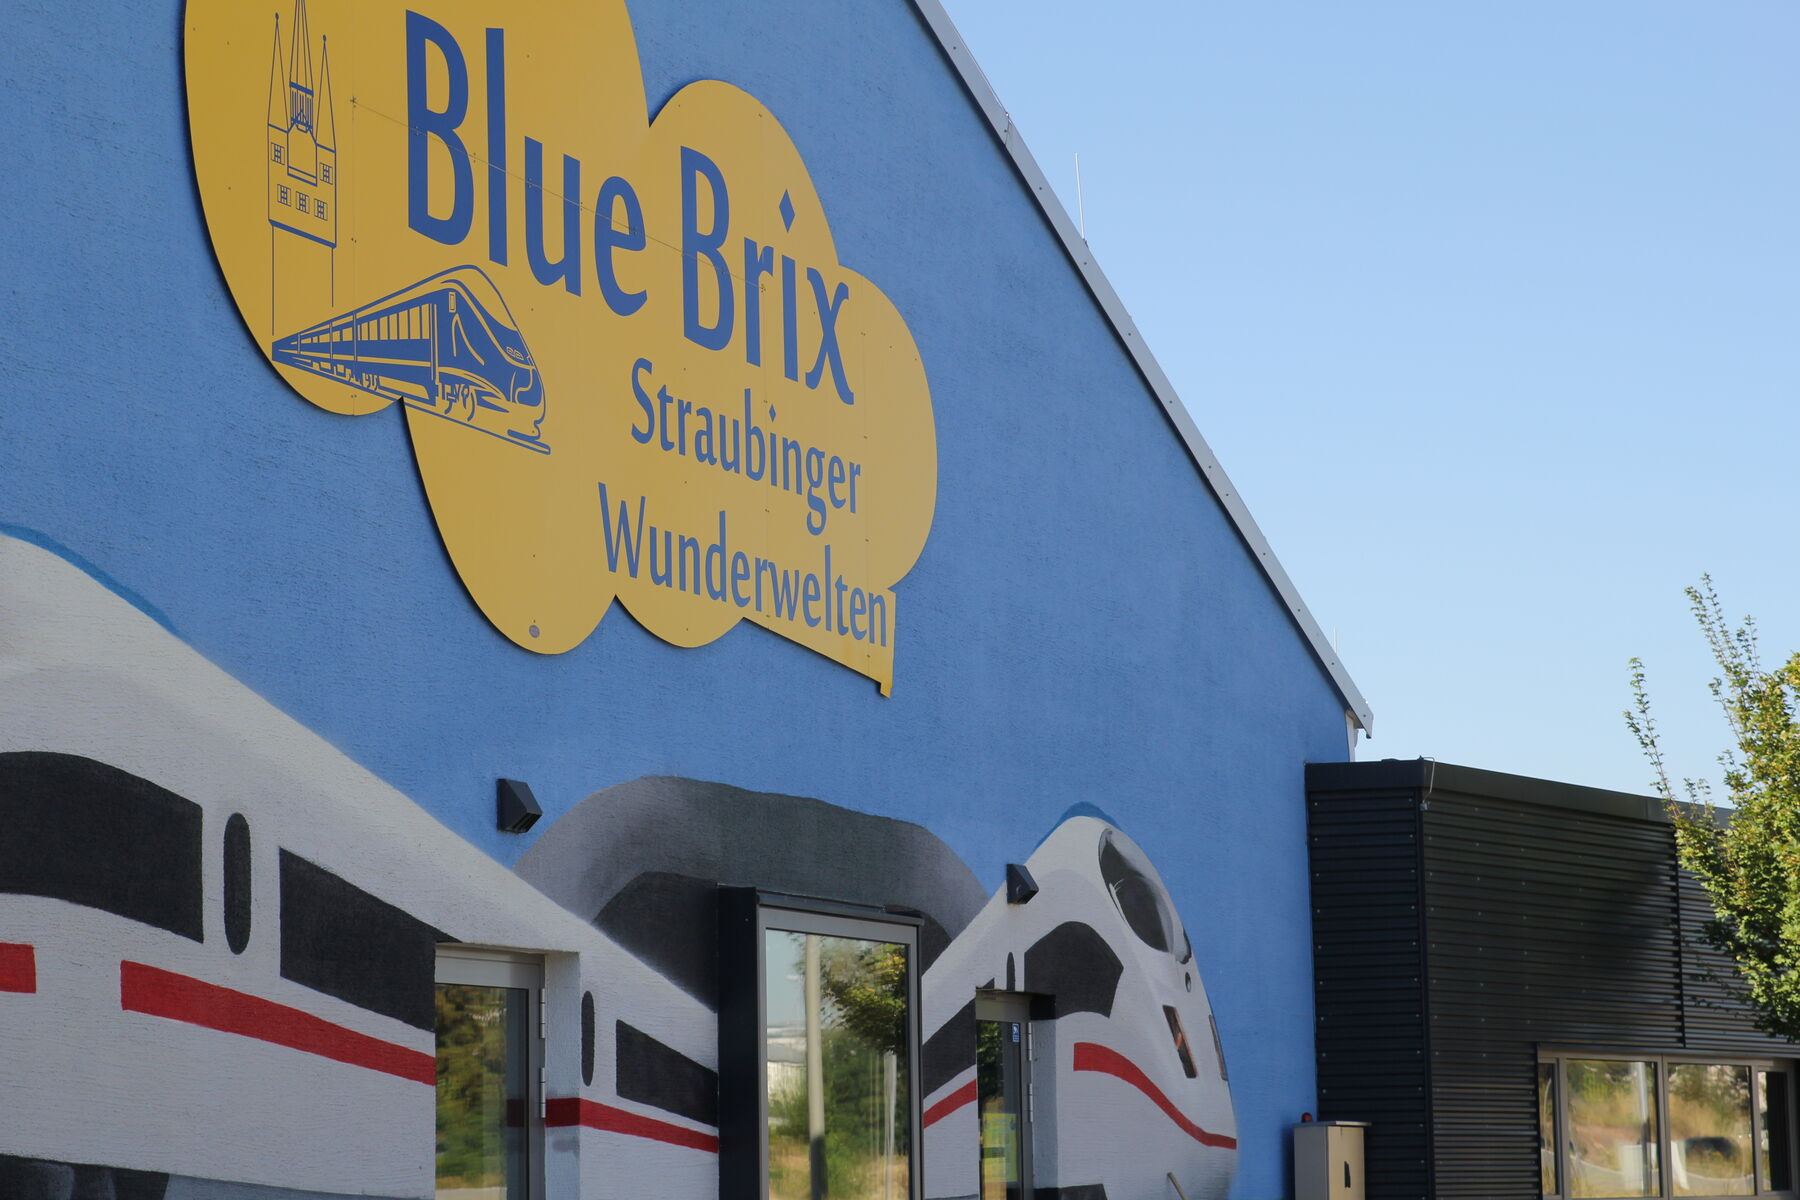 Blue Brix